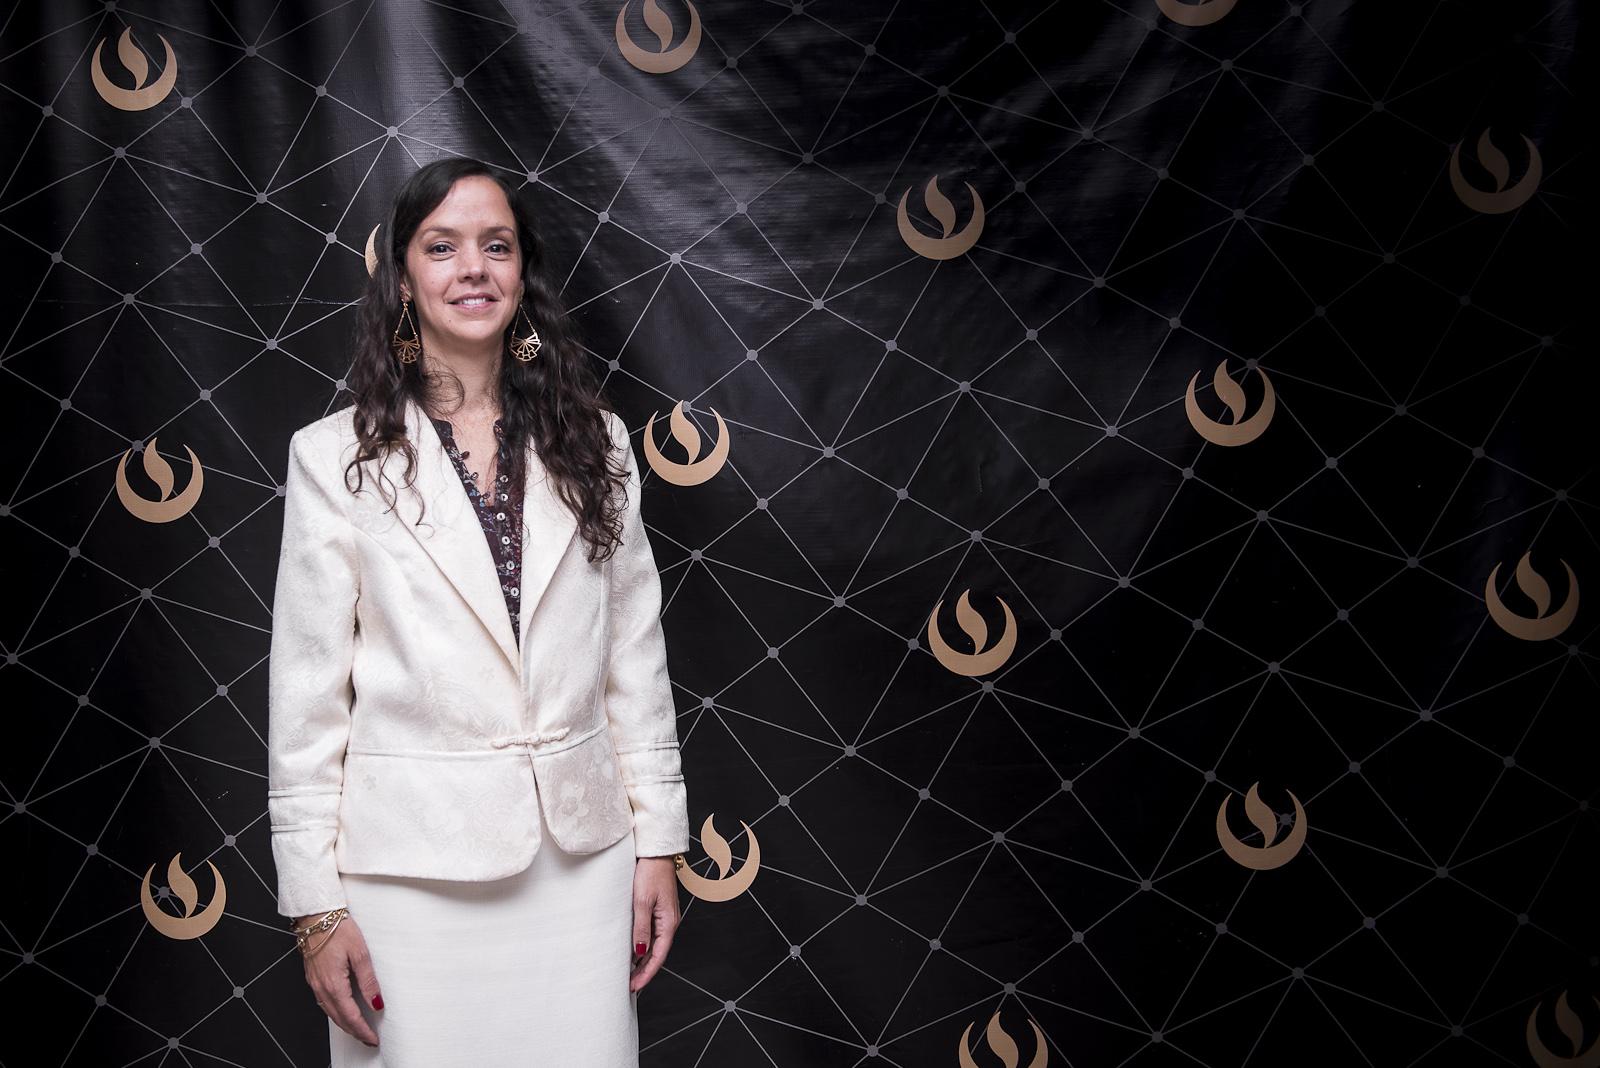 UPC felicita a la Directora de Economía y Negocios Internacionales y Economía Gerencial, Claudia Sicoli, por obtener Doctorado